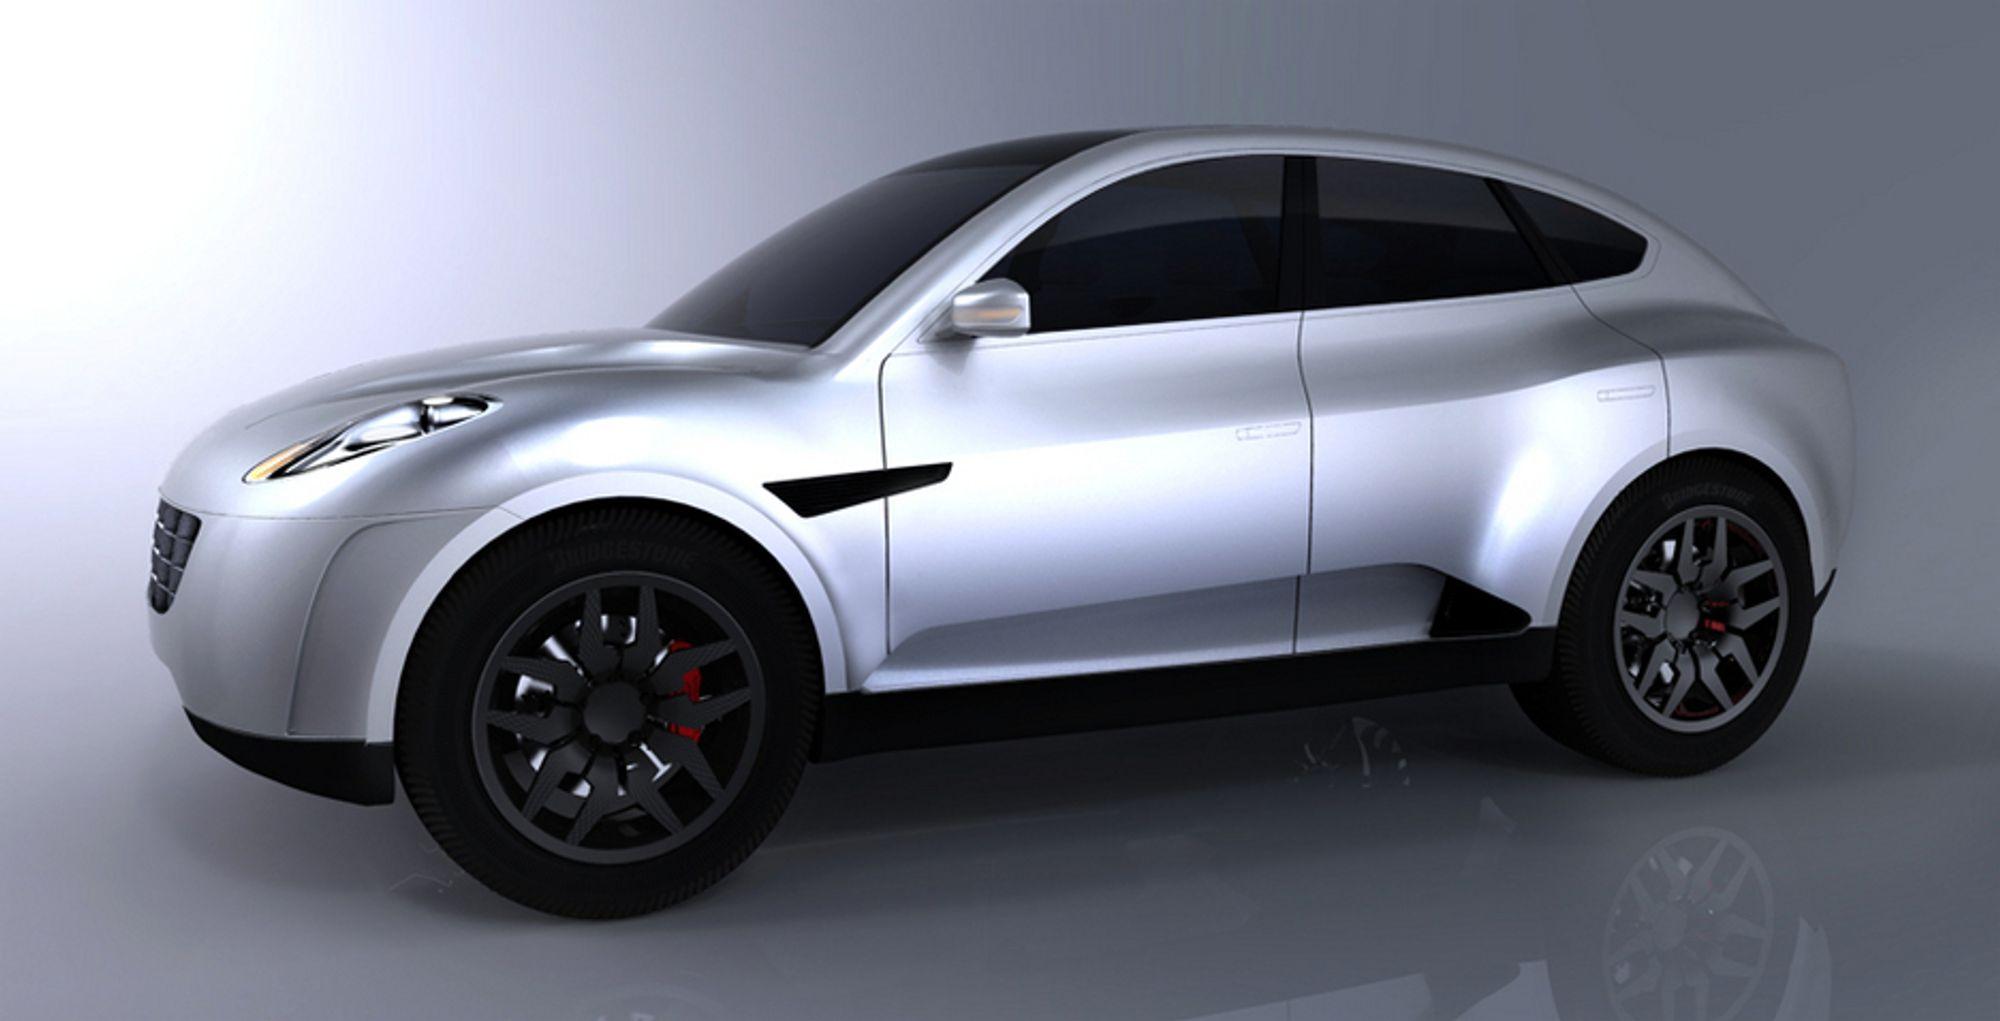 Her er de første bildet av den kommende ladbare crossover-hybriden Velozzi Solo som etter planen skal masseproduseres fra tampen av 2011.